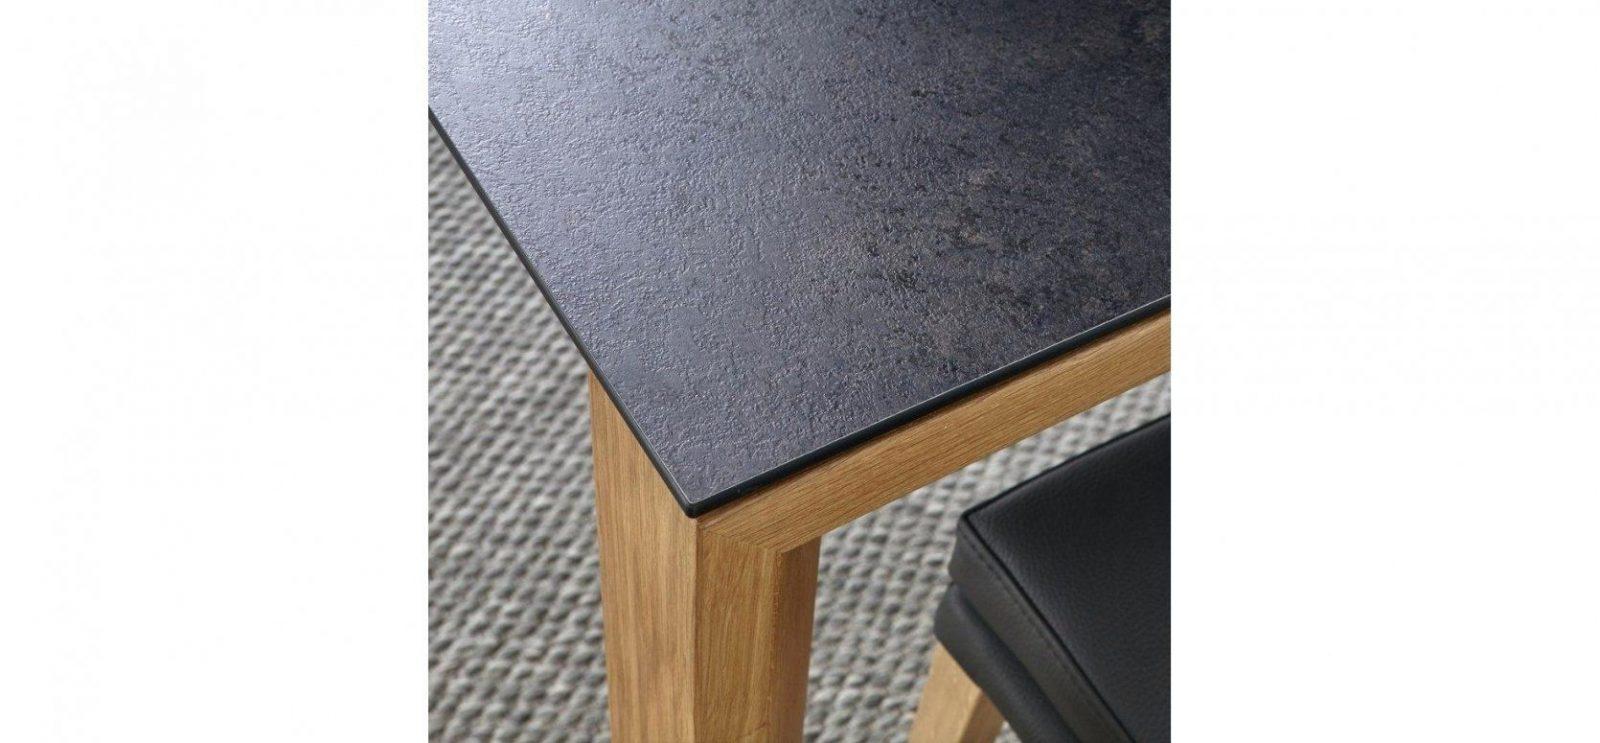 Tischplatte Kunststoff Zebra Sela 180X100X13Cm Laminat Kaufen von Tischplatte Outdoor Nach Maß Bild